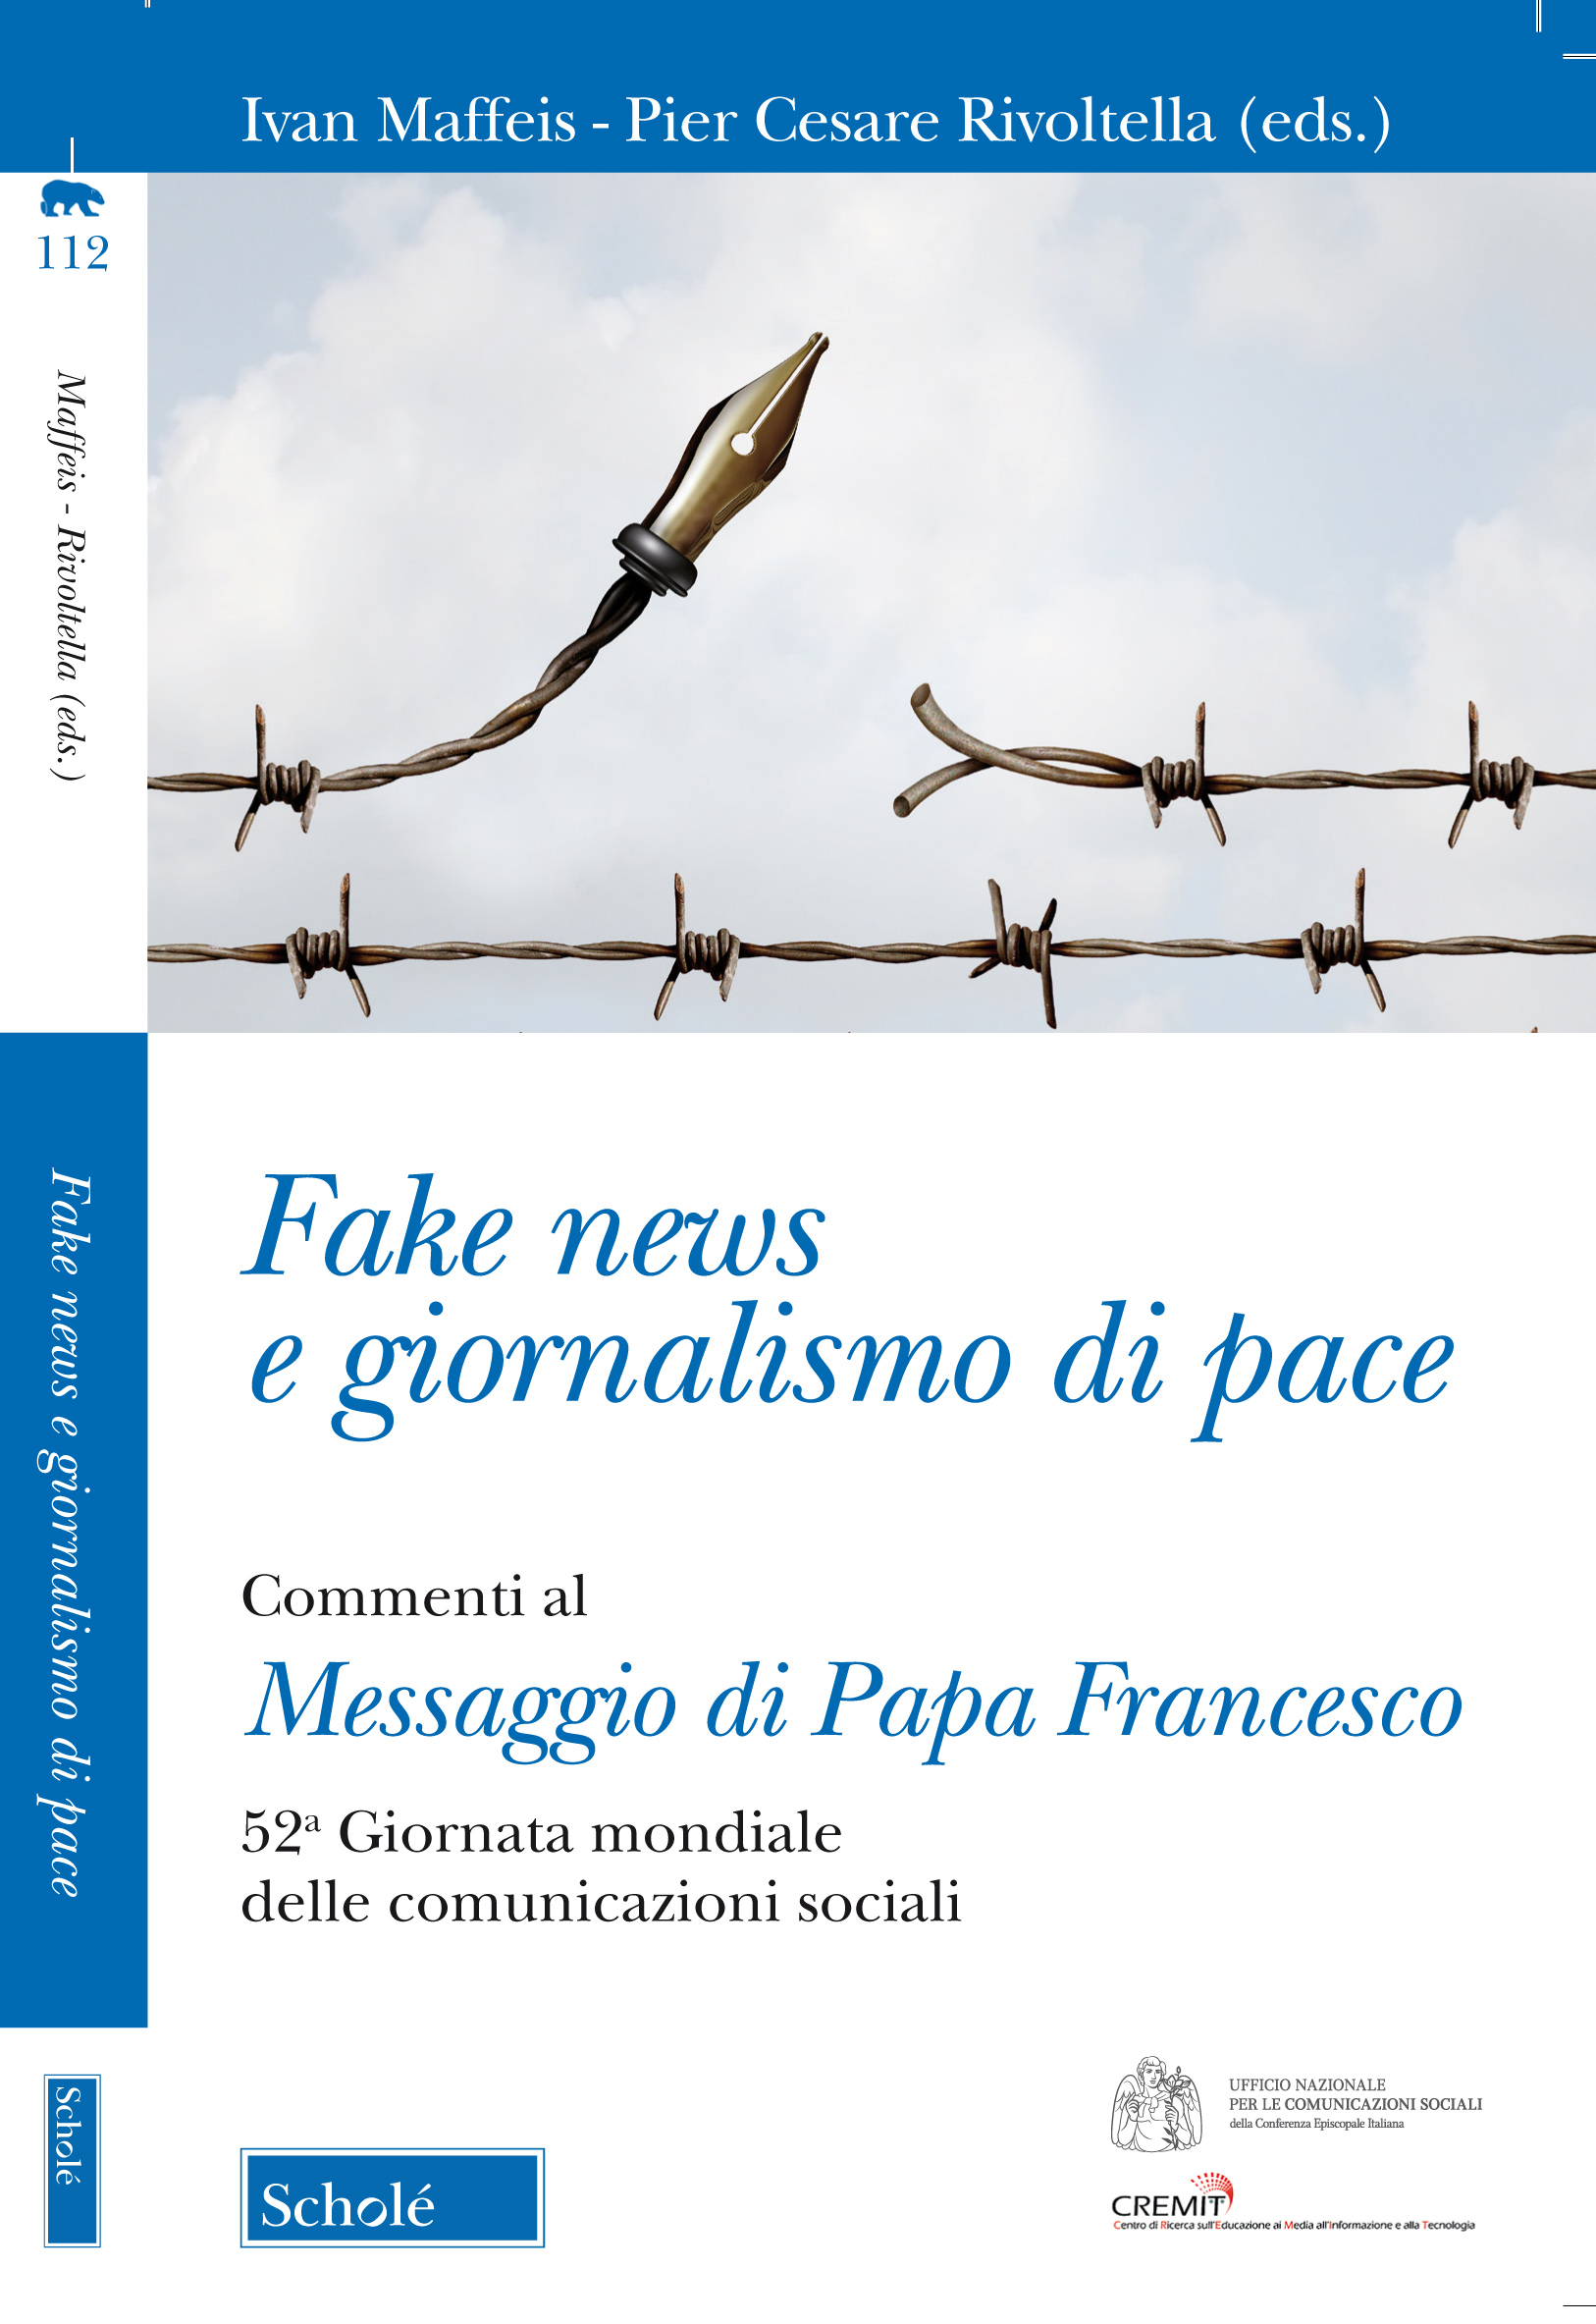 Fake news e giornalismo di pace